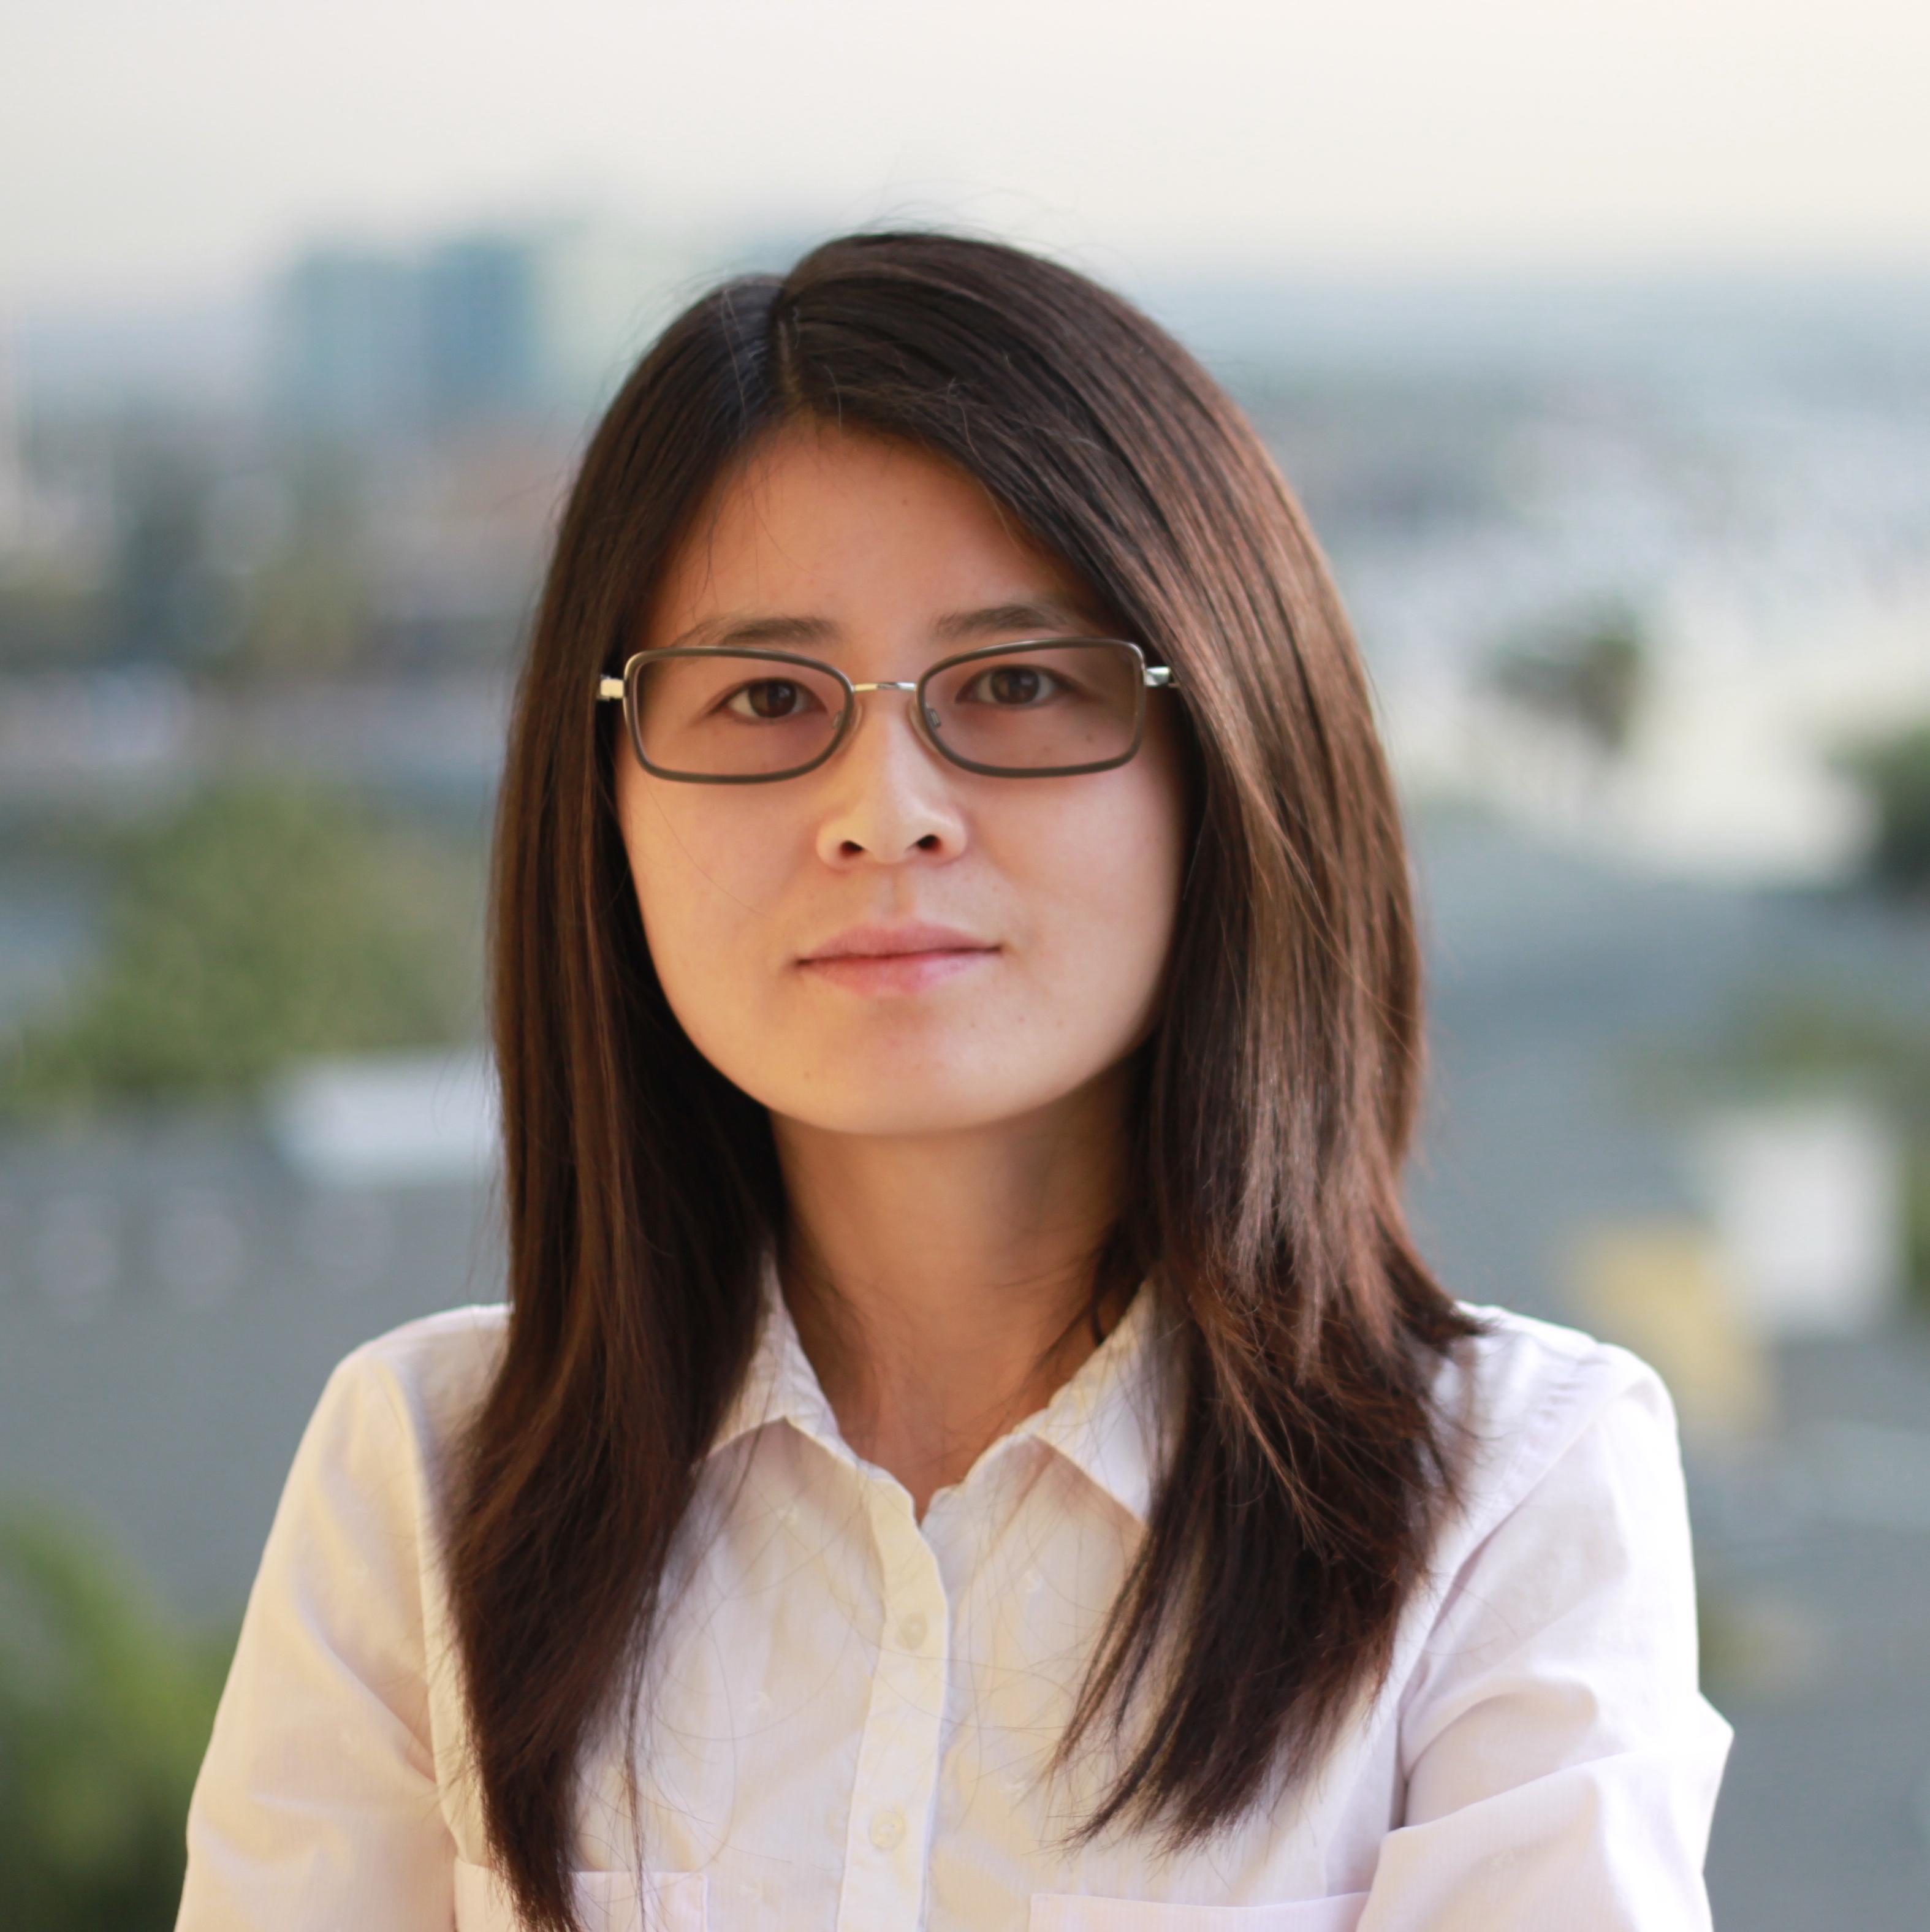 Anche la ricercatrice Jia Li entrerà nel team AI di Google Cloud